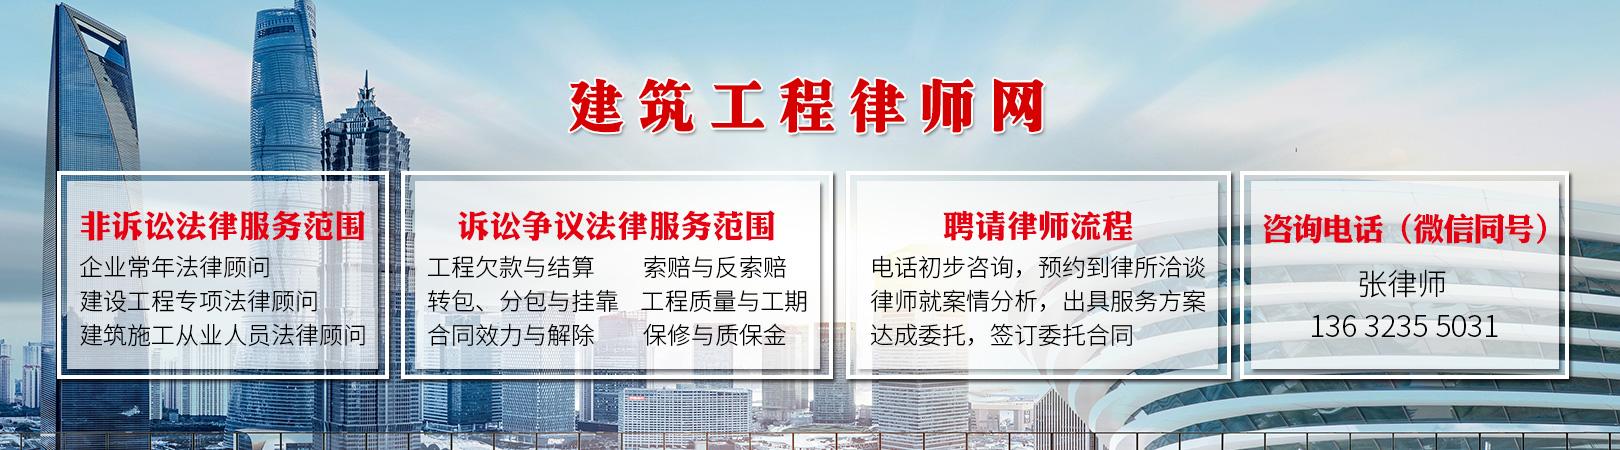 广州工程合同律师.jpg